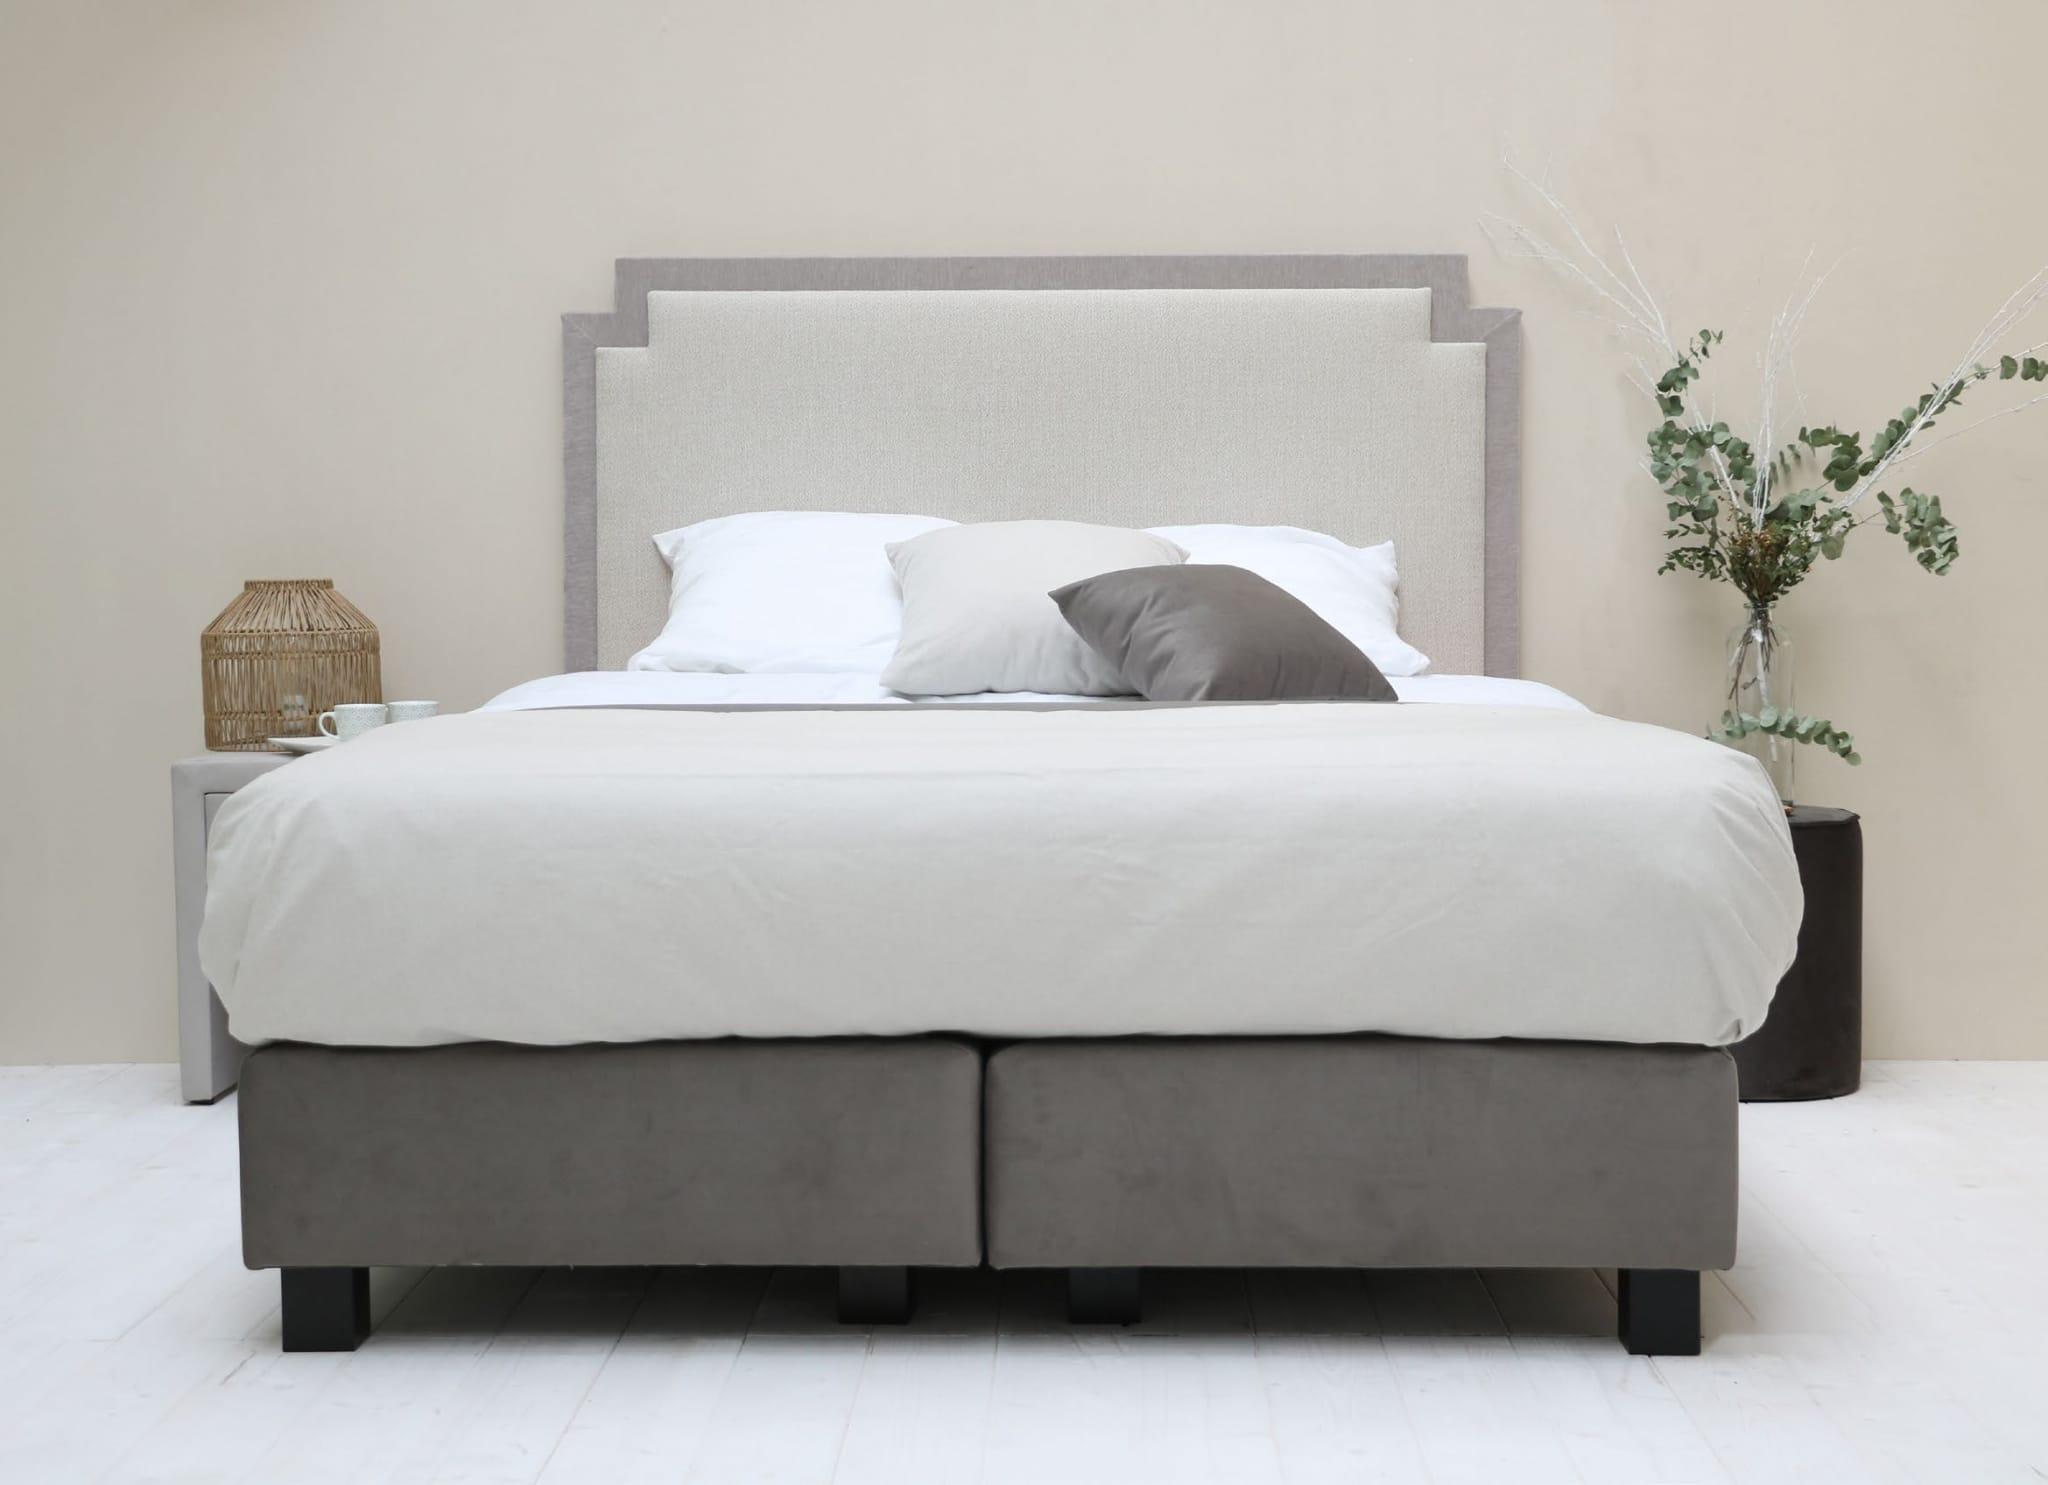 Tête de lit OCTAVIE dans les coloris AUR98 et AM01 Sommiers DÉCO25 dans le coloris NU13 Pieds carrés wengé H10 cm